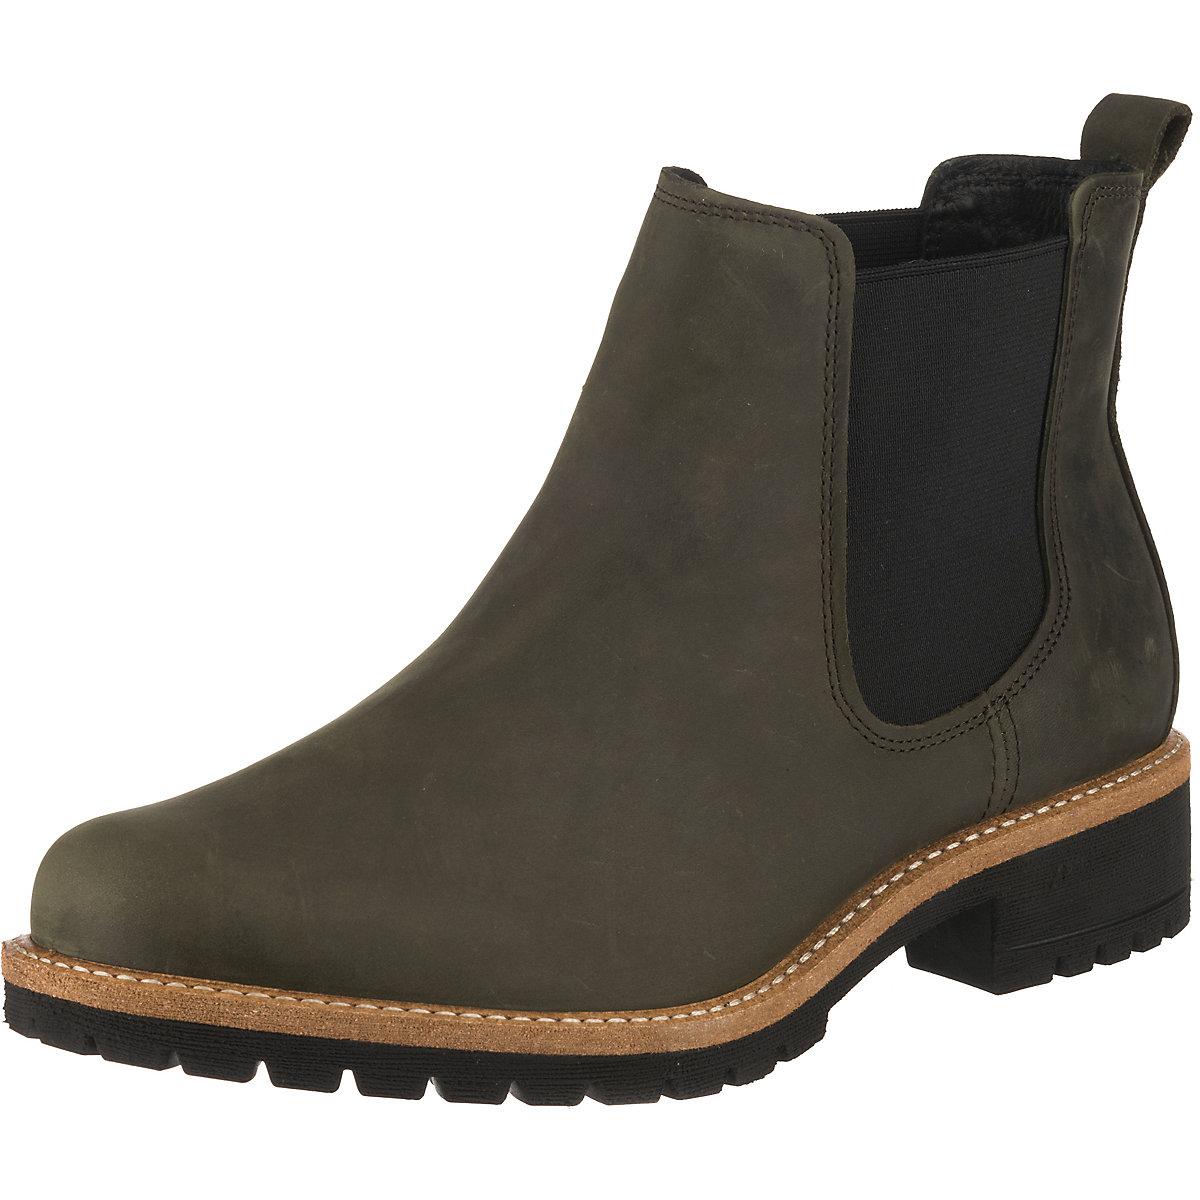 Ecco, ECCO ELAINE Chelsea Stiefel, dunkelgrün  Gute Qualität beliebte Schuhe